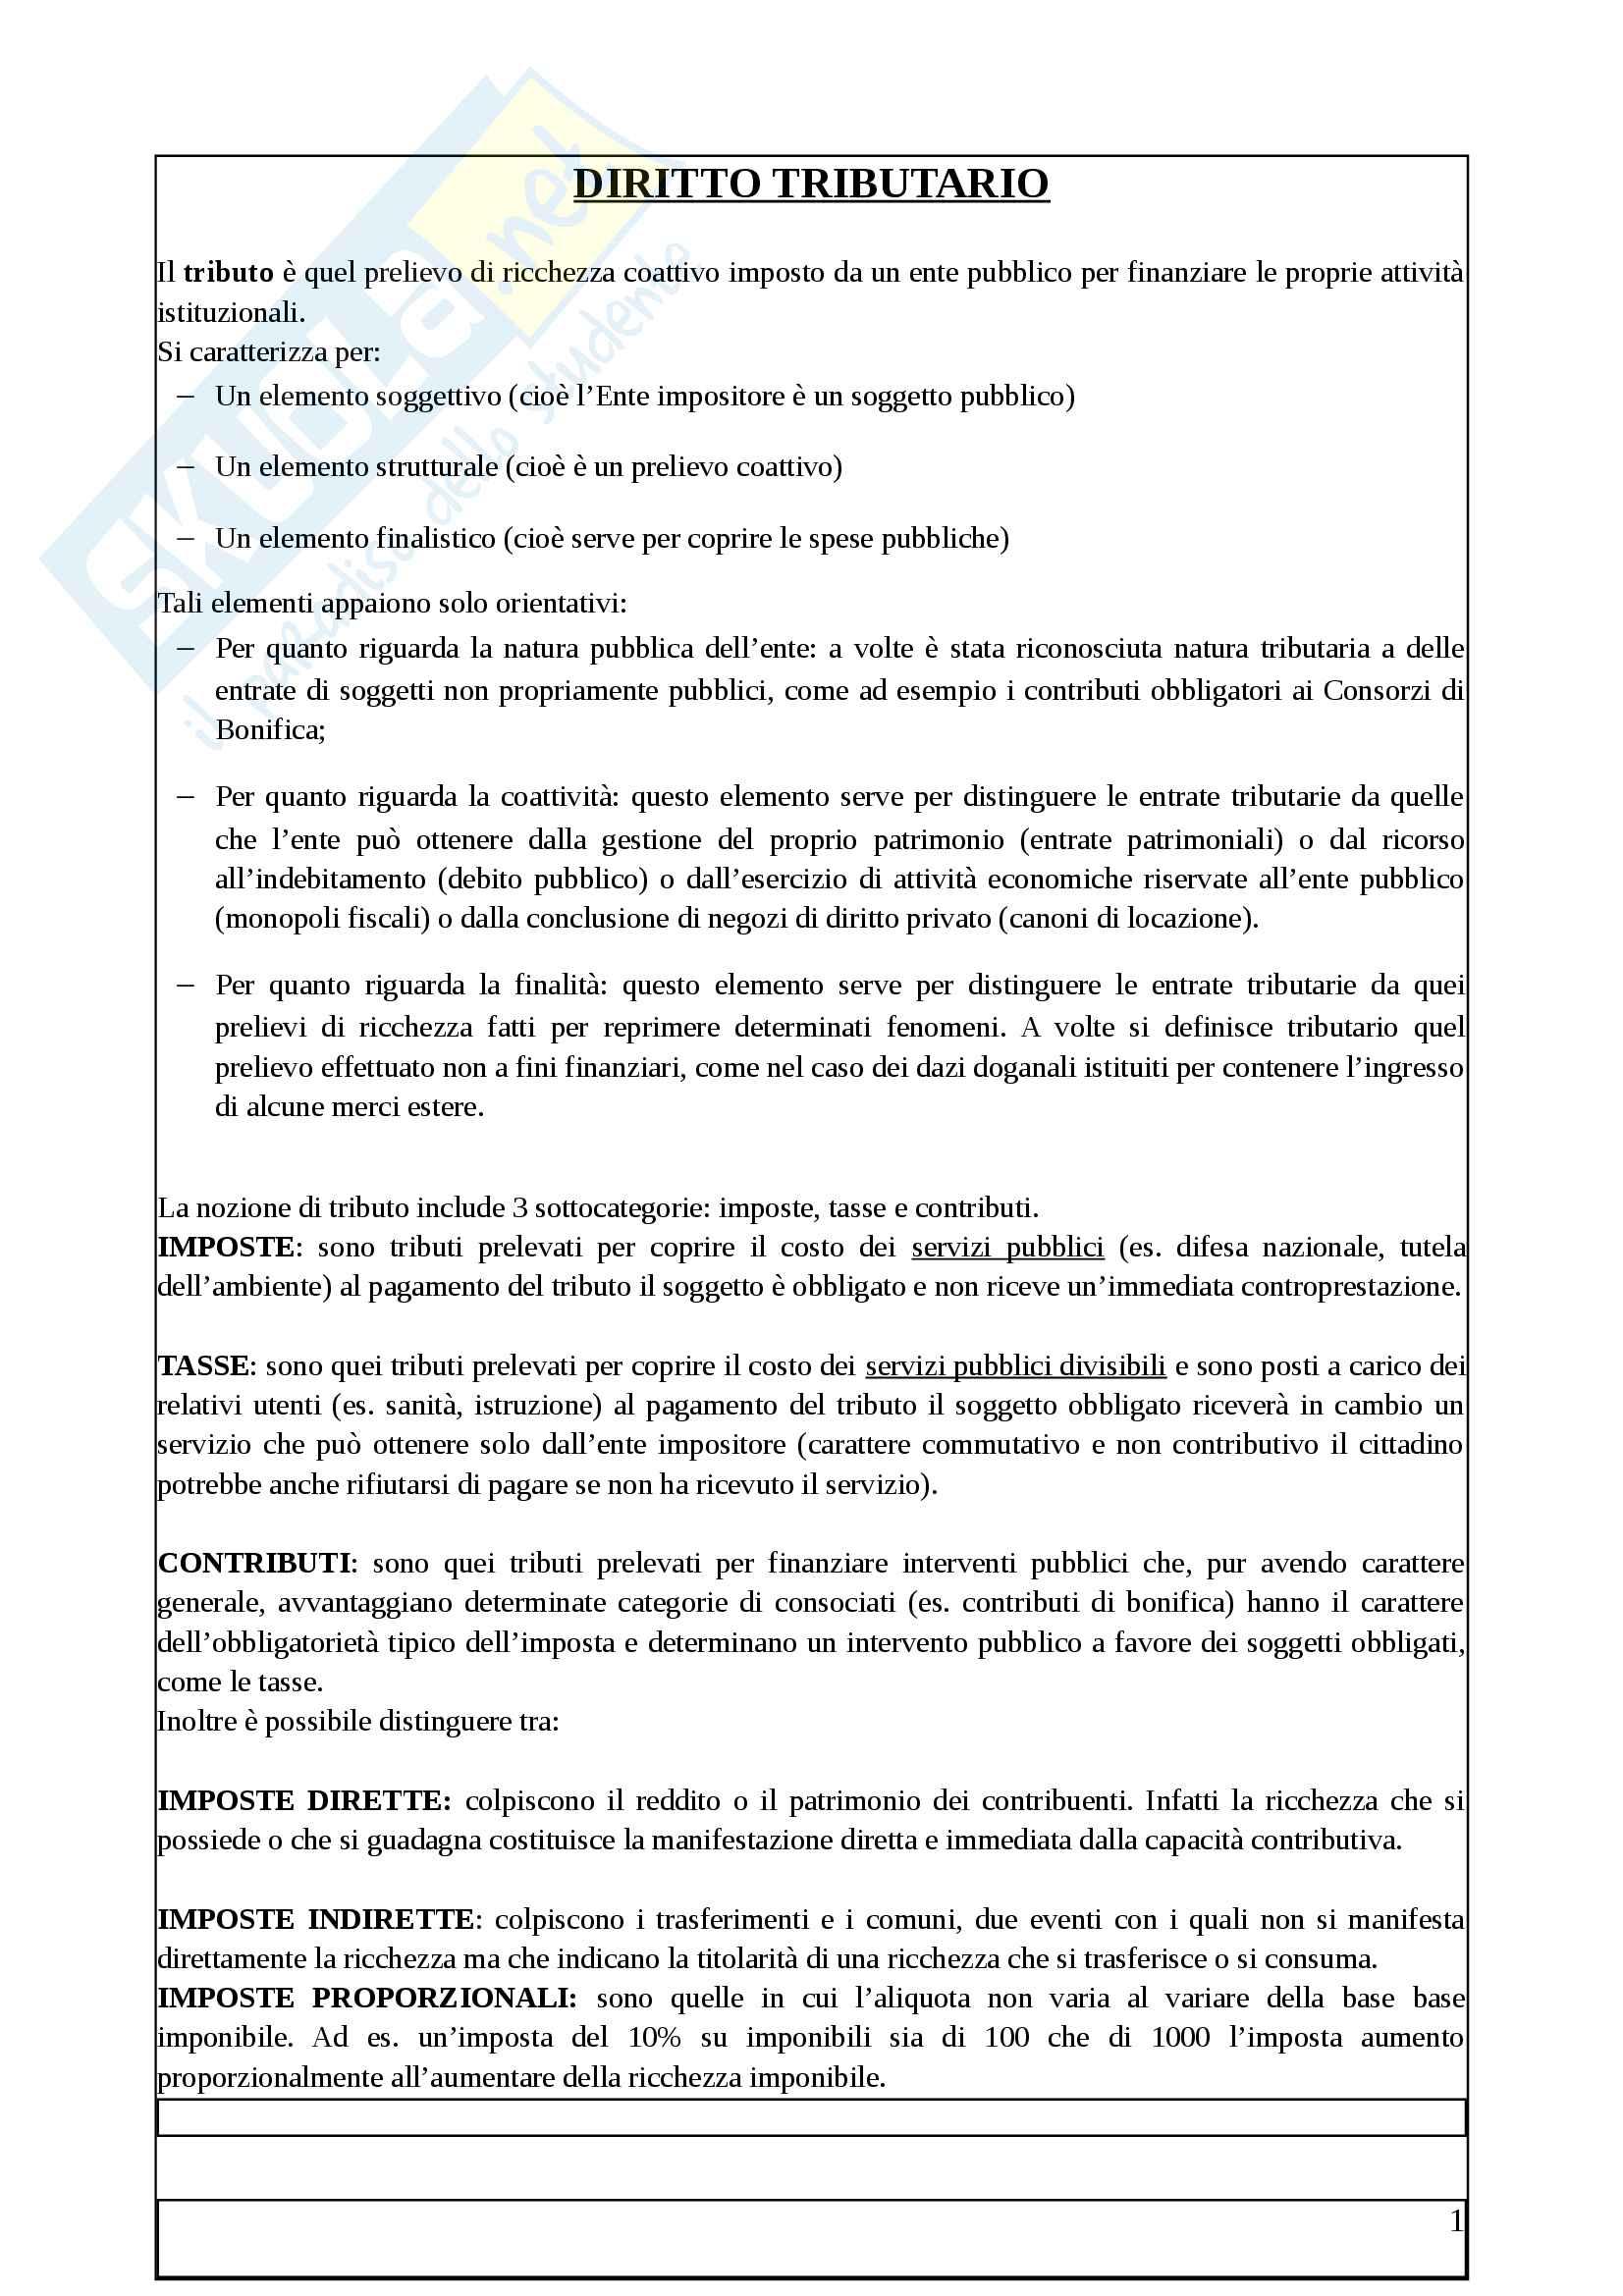 Riassunti di Diritto tributario, libro consigliato:Principi di diritto tributario, S. La Rosa